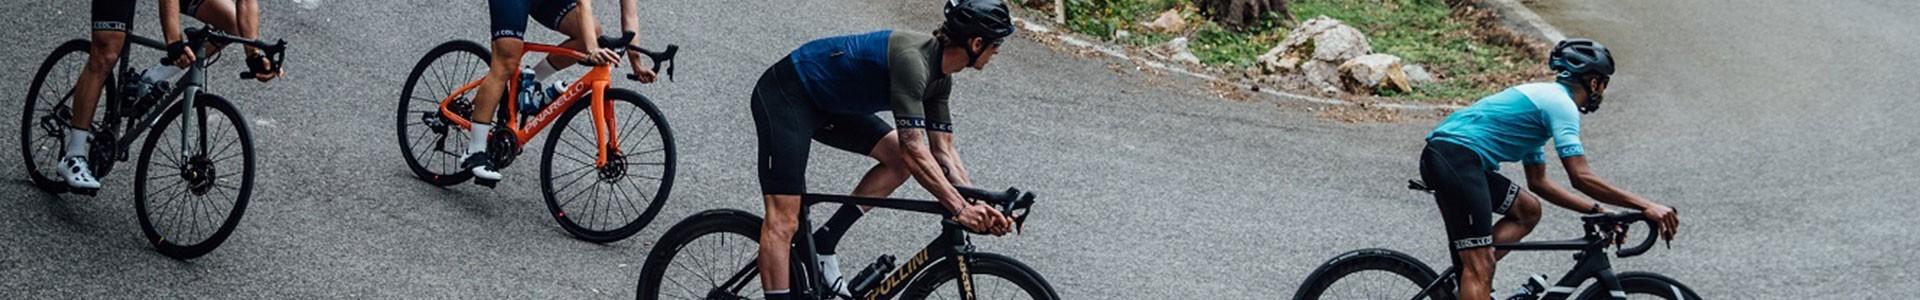 Fahrradtrikots für Damen & Herren | exklusive Marken | Top Qualität